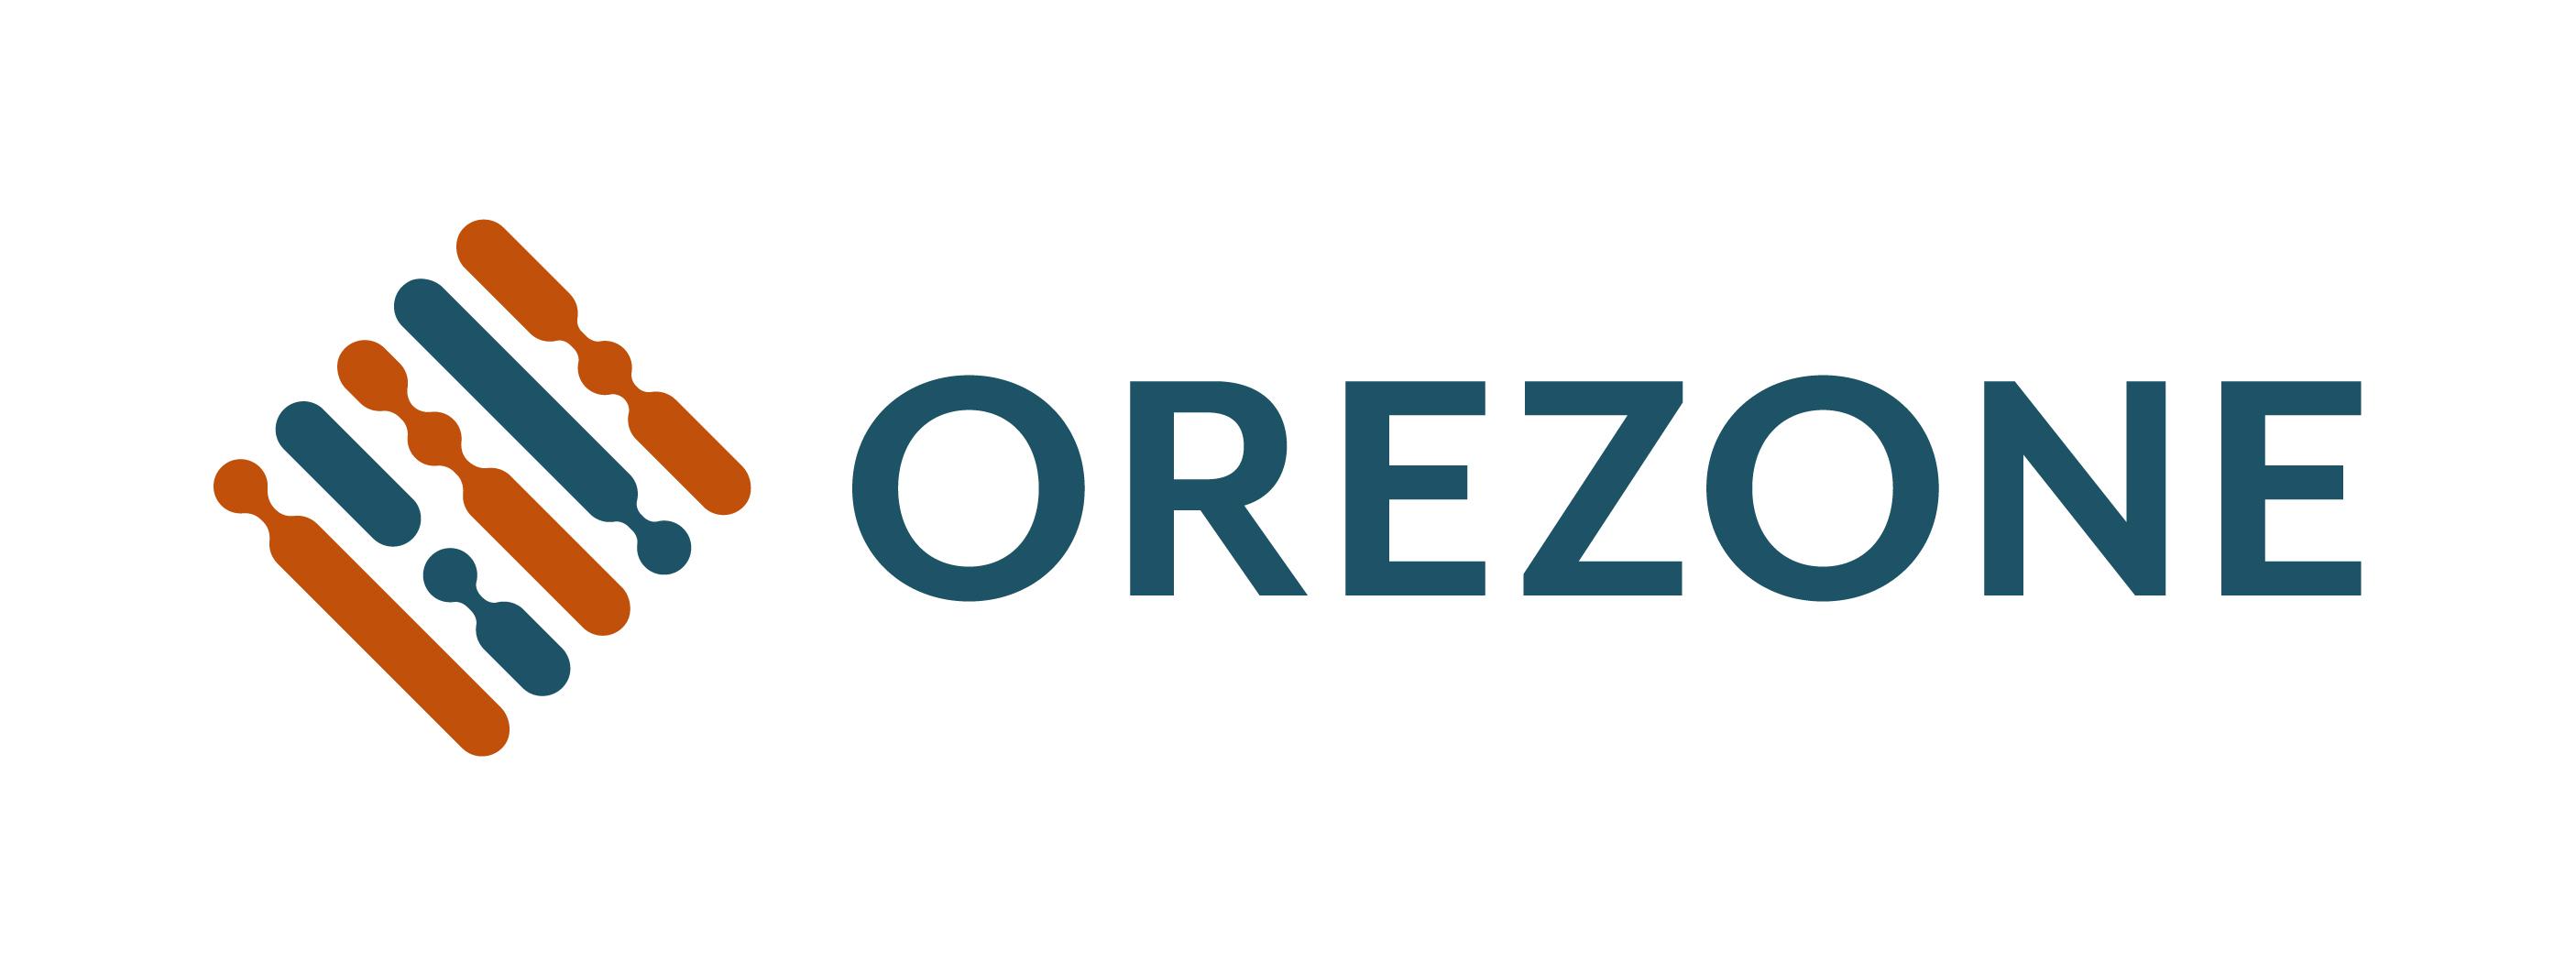 Orezone Completes C$20